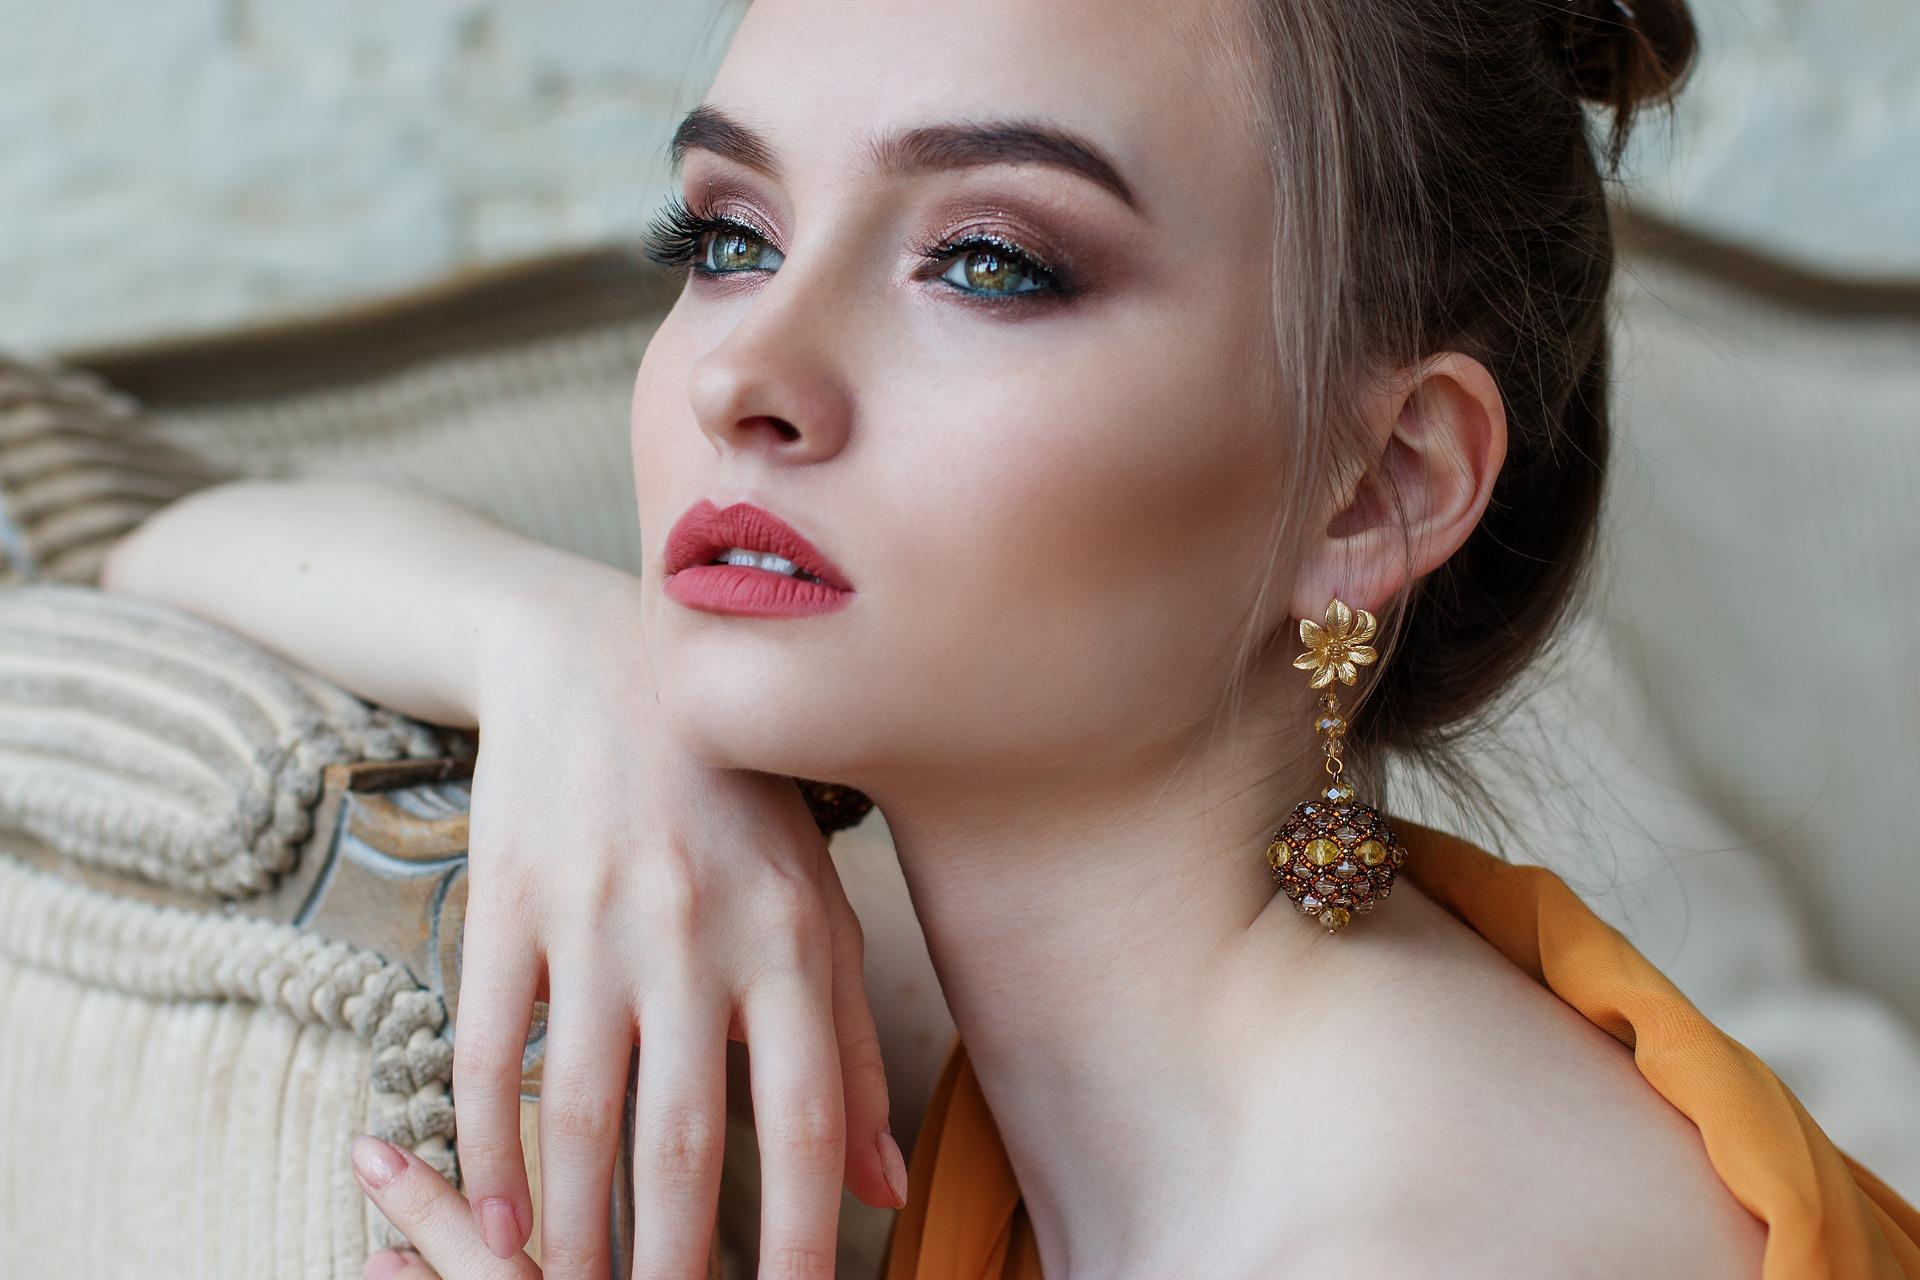 maquillage-permanent-visage